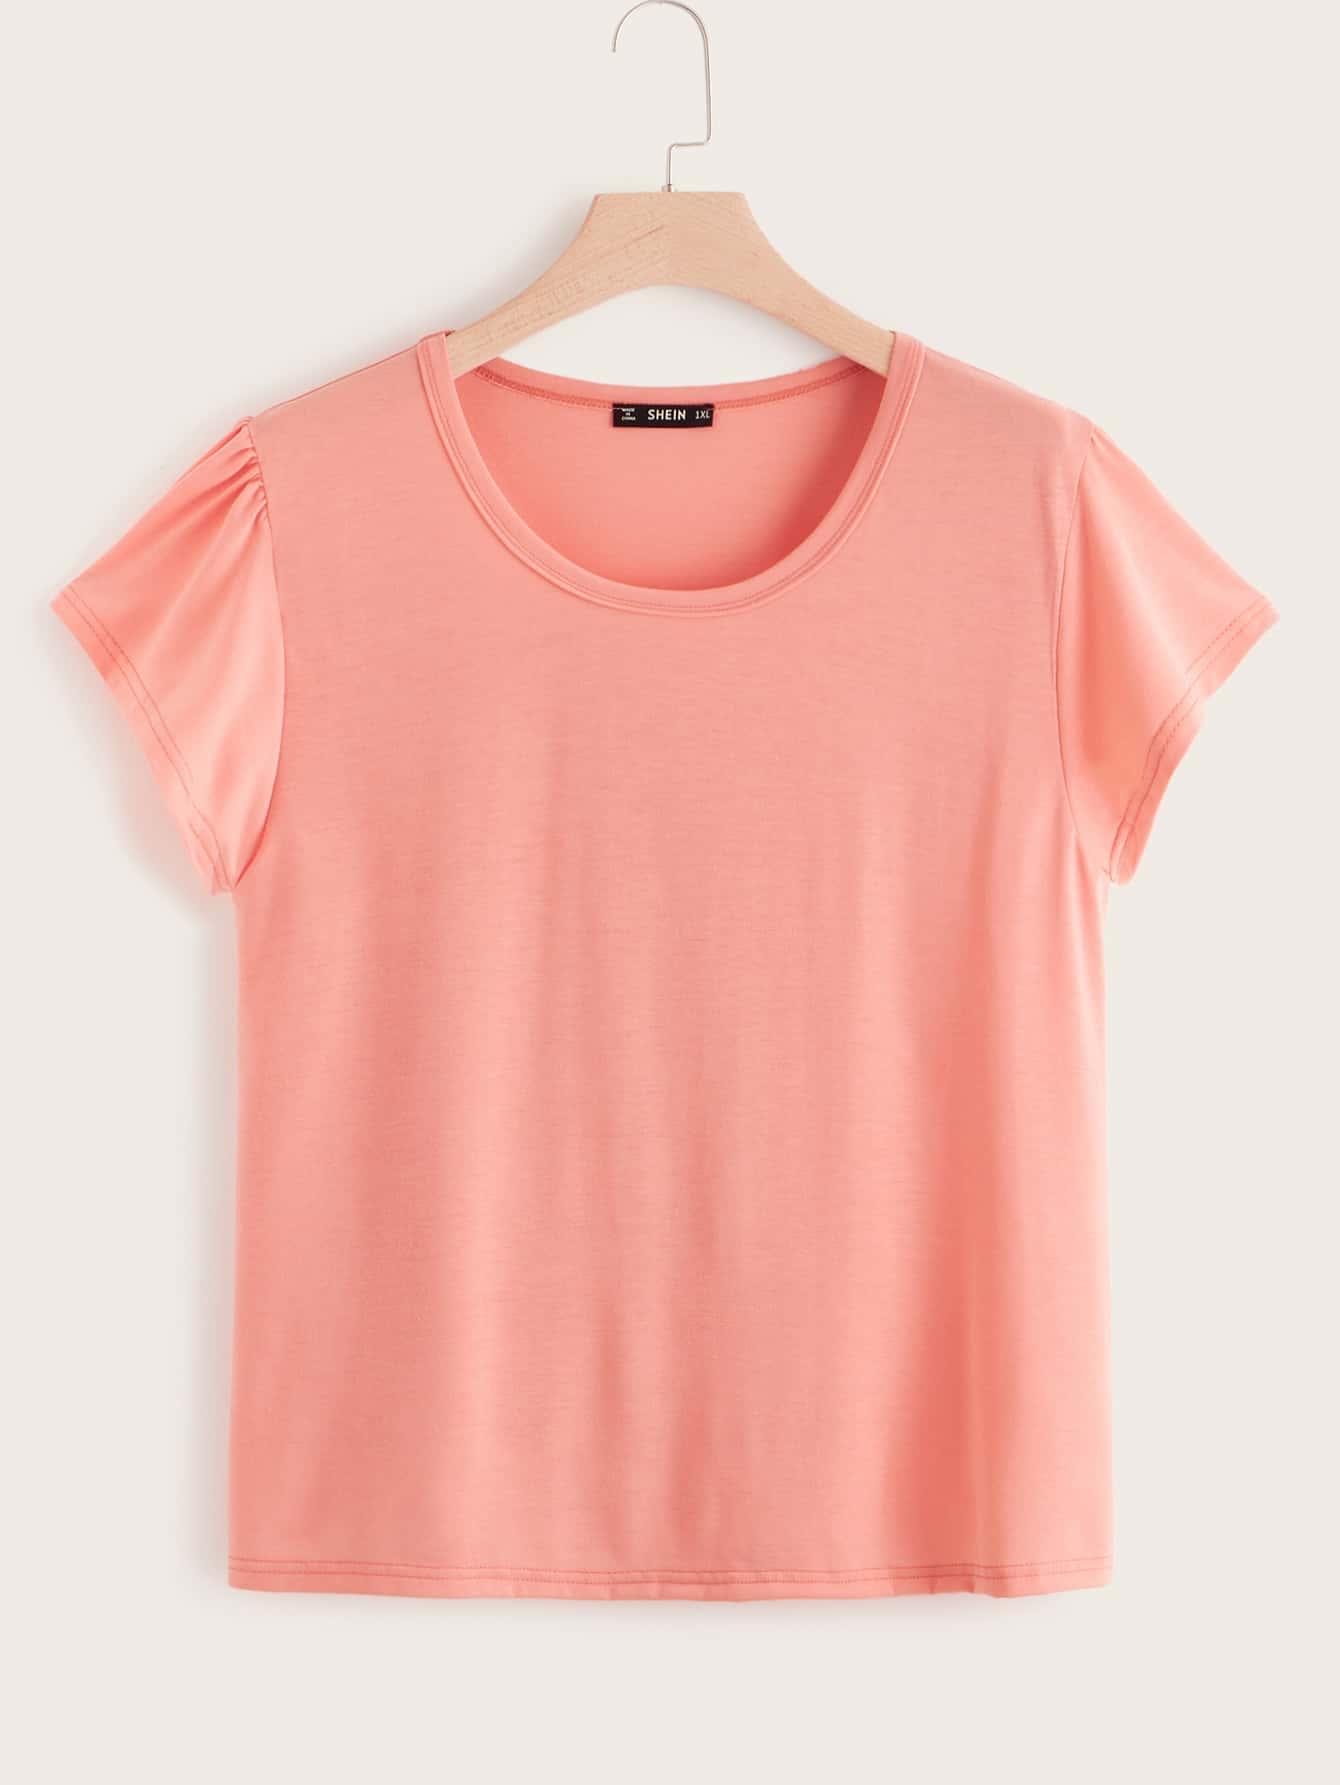 Фото - Однотонная футболка размера плюс с круглым вырезом от SheIn цвет розовые